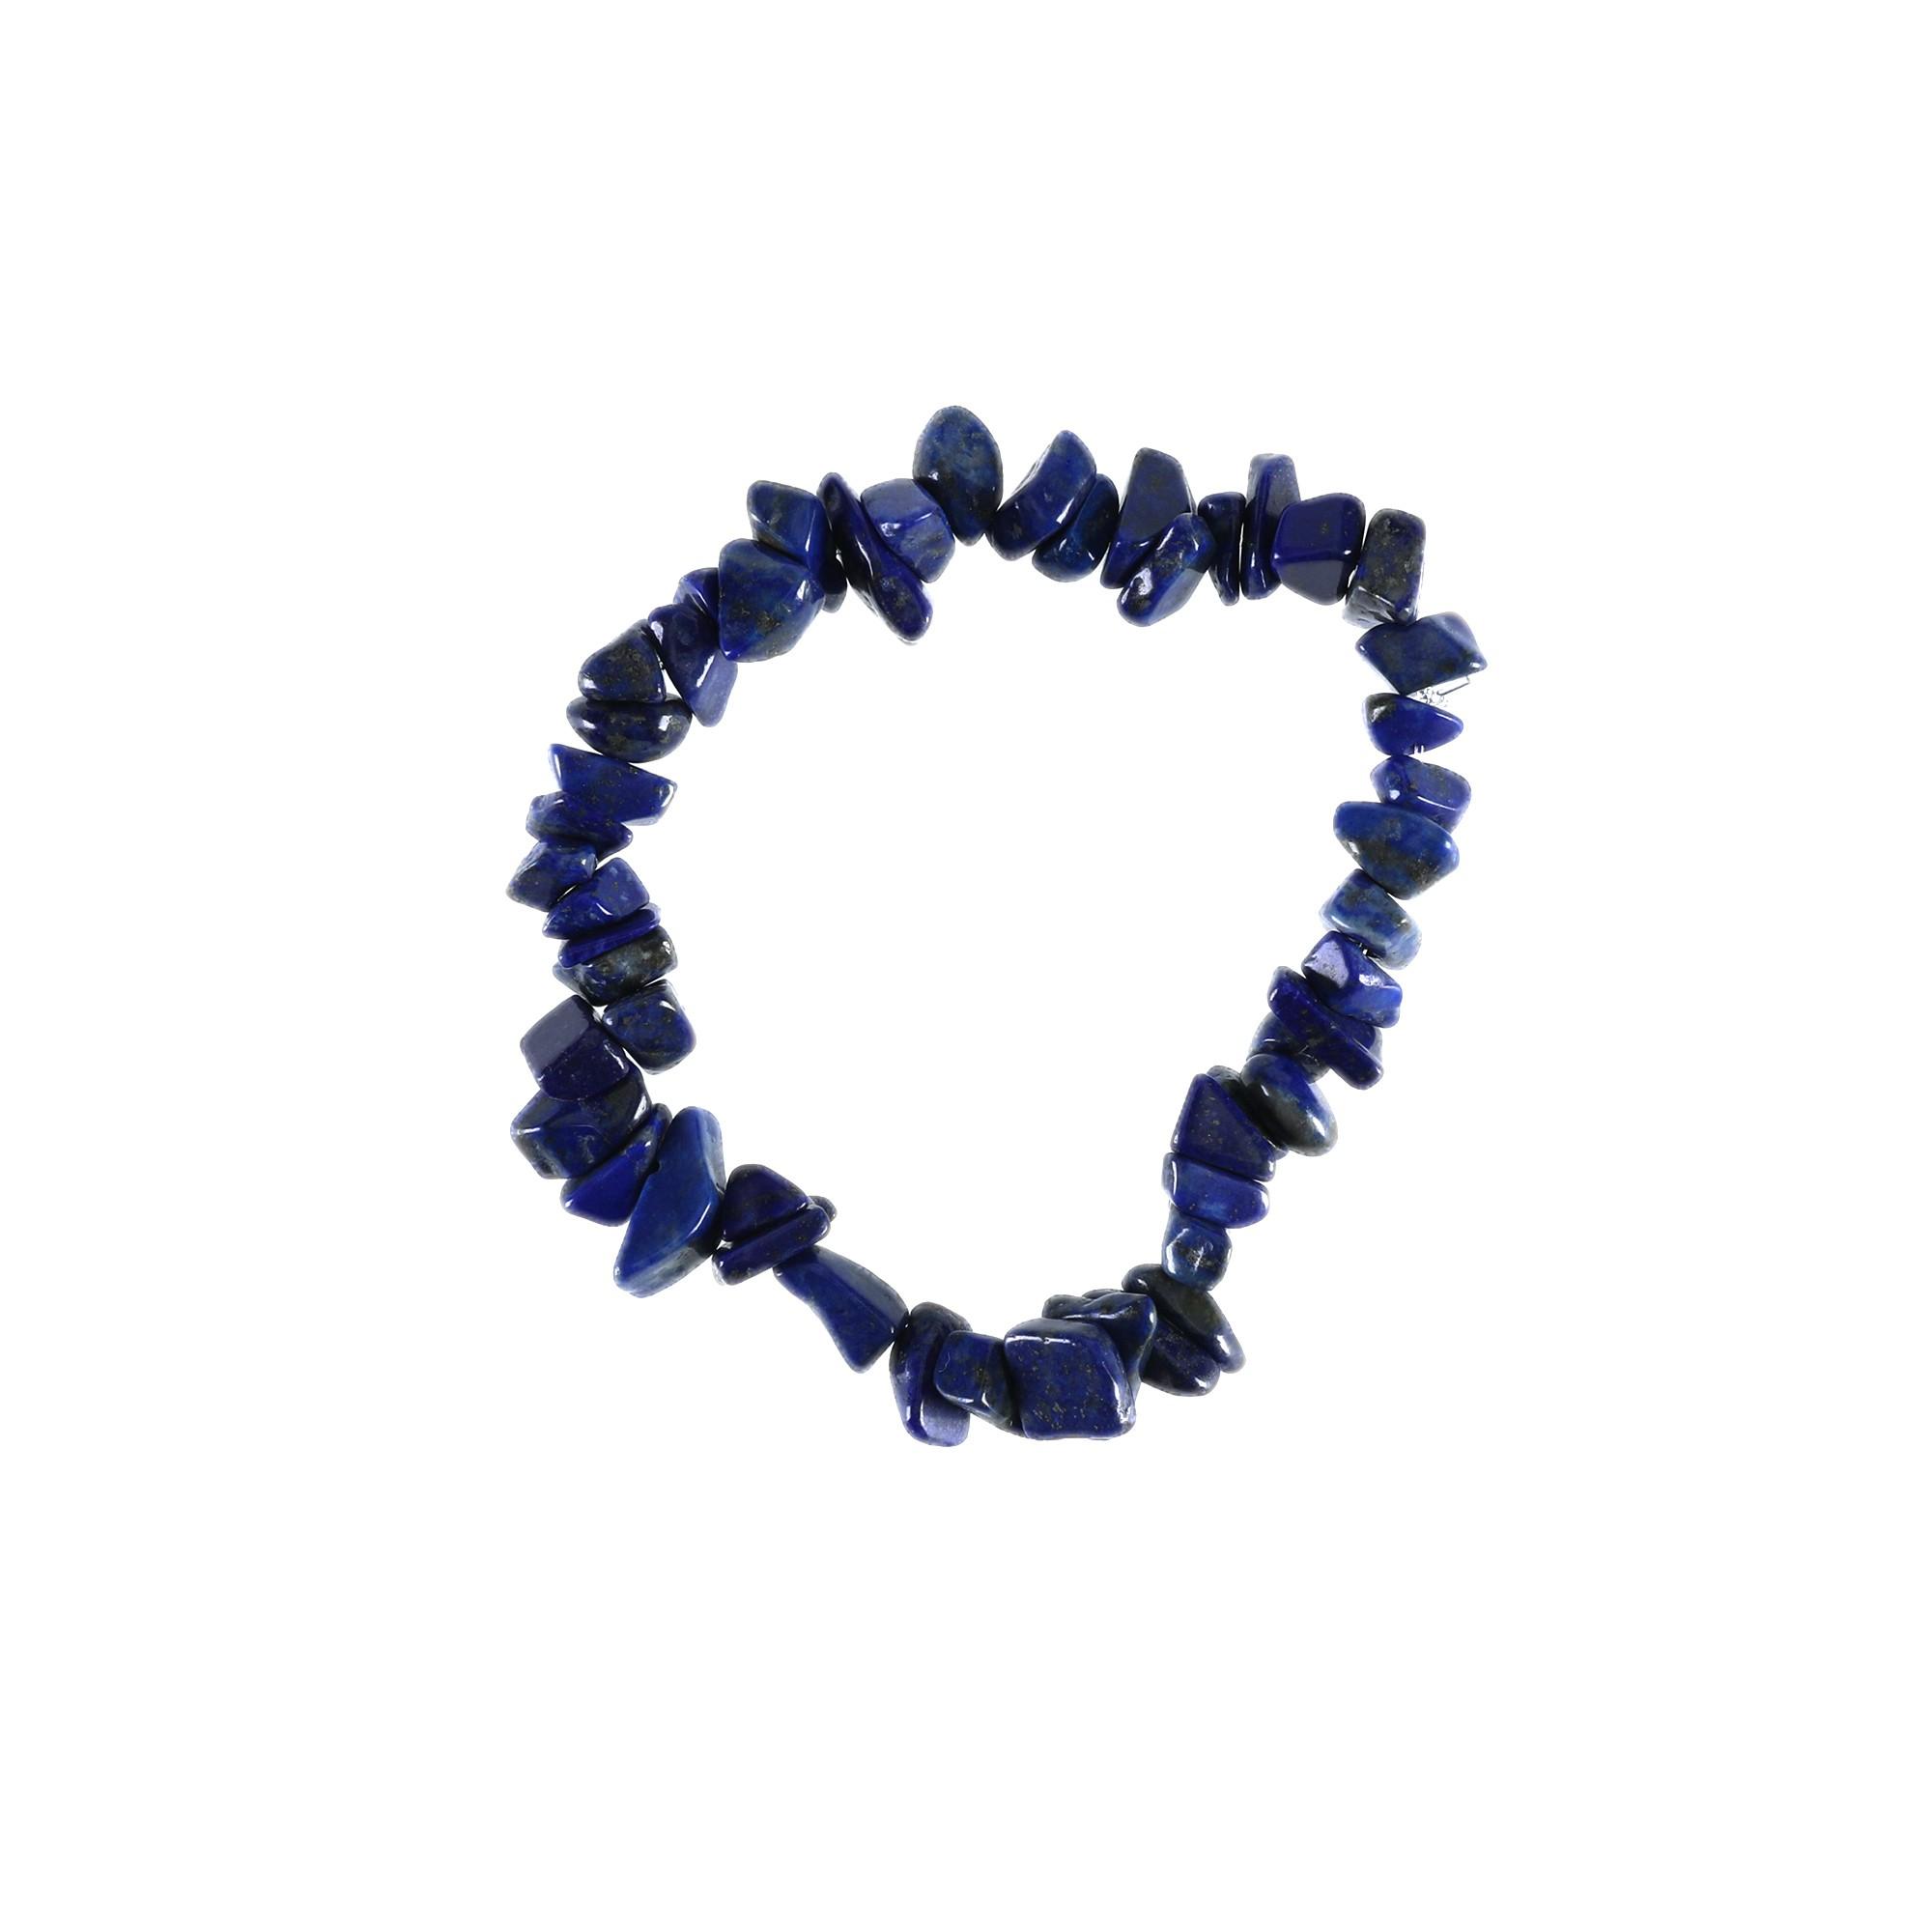 Pulseira de cascalho em Lápis Lazuli